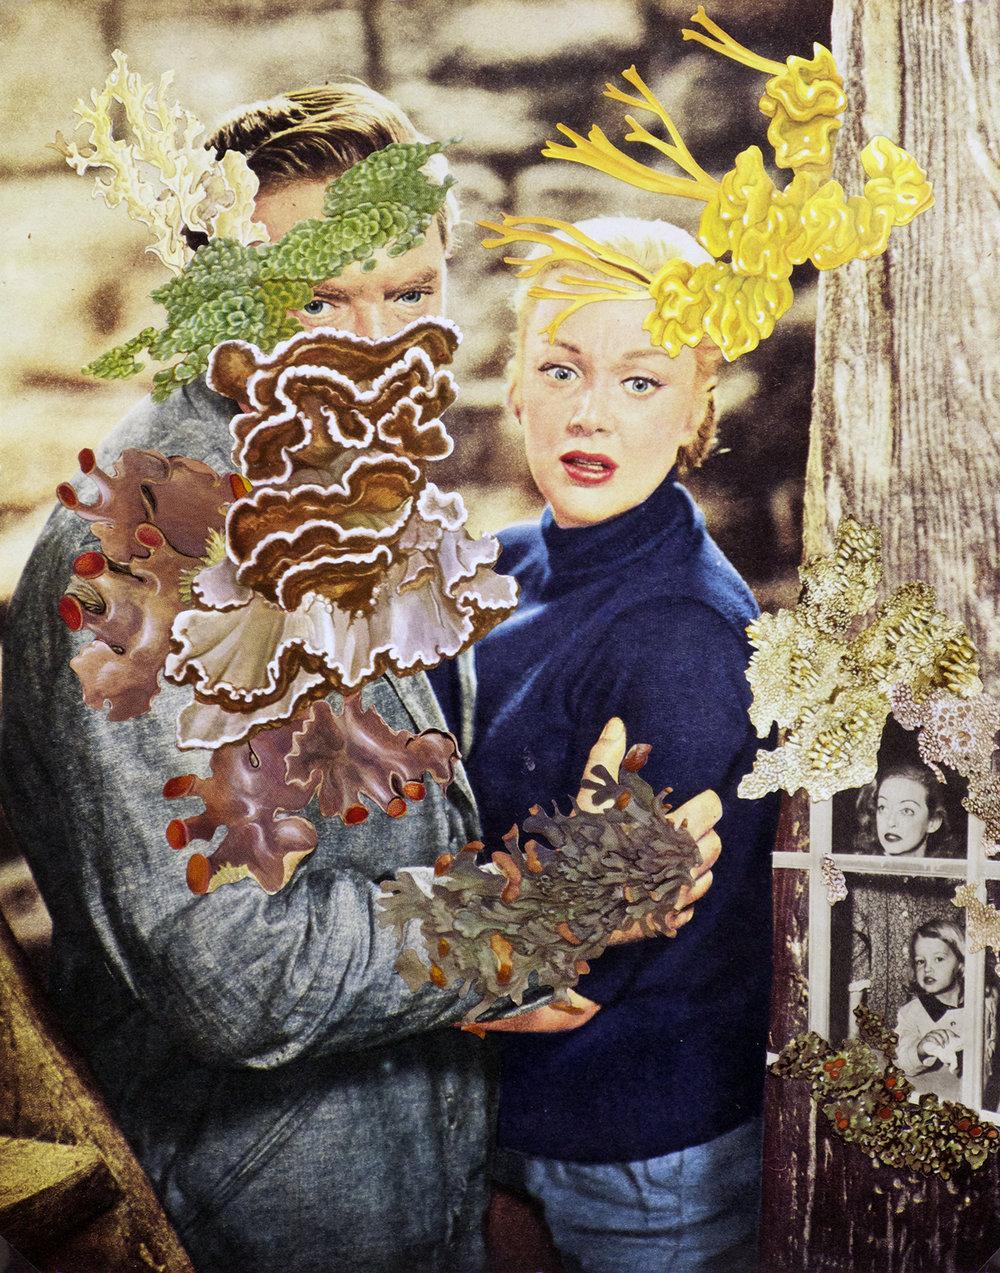 Bette Davis Lives in a Tree